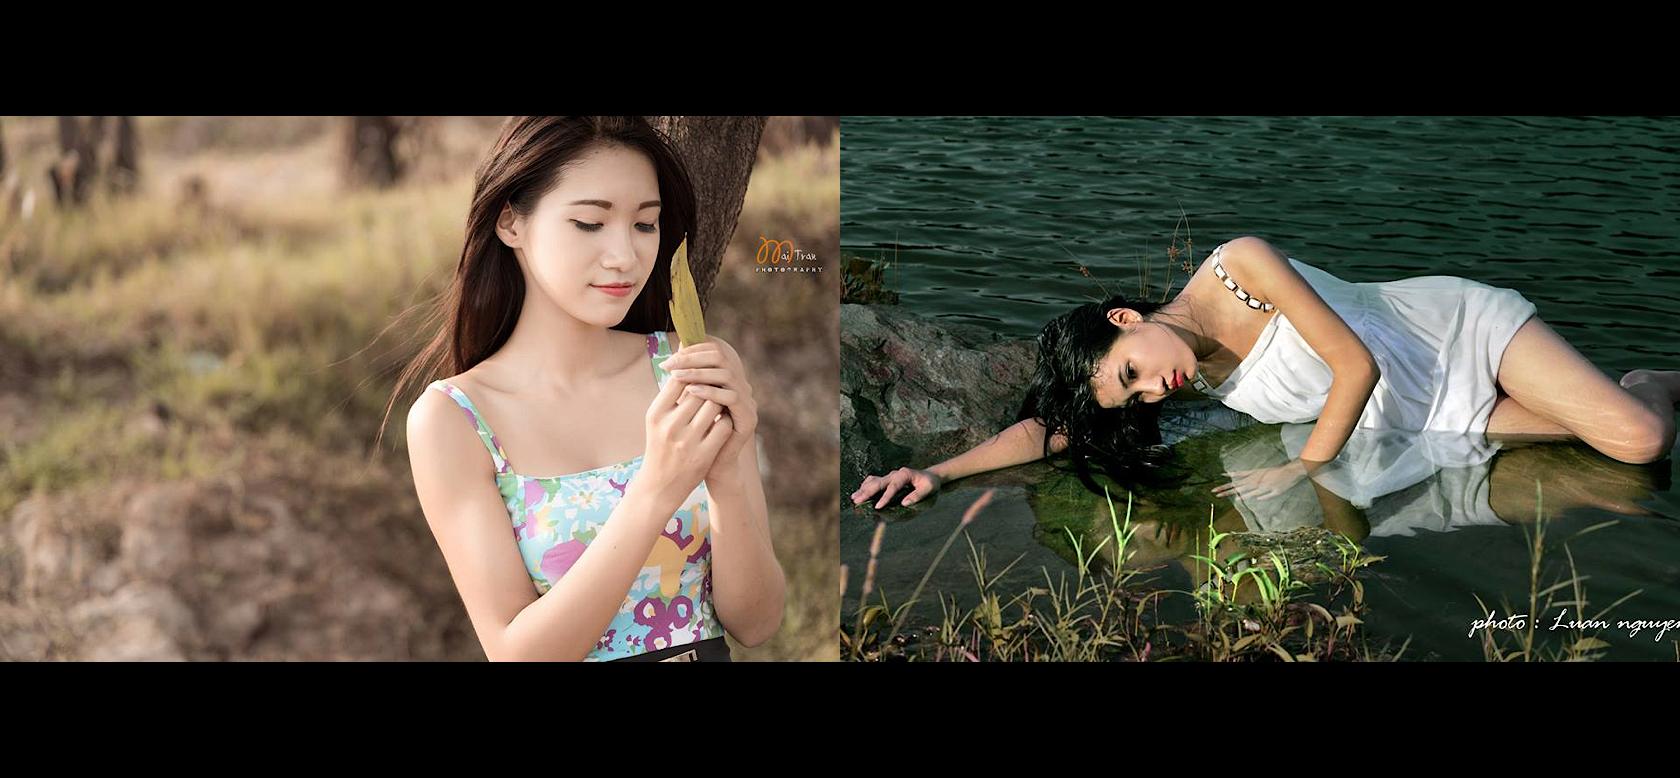 pg-nguoi-mau-model-mac-kim-yen